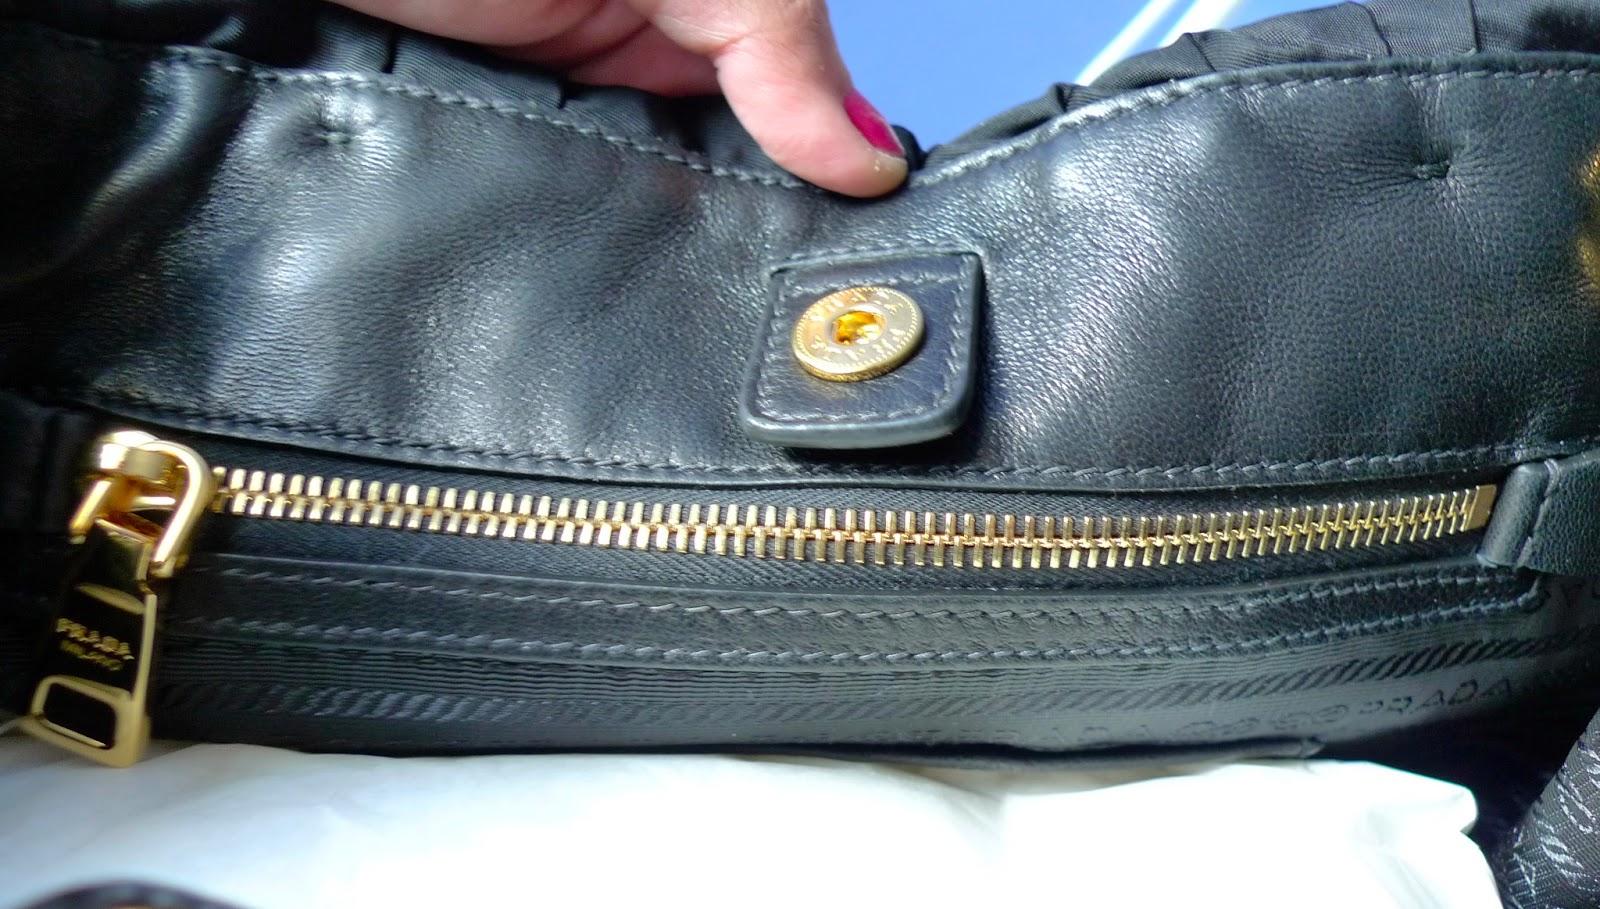 110839f49e7c Bag Review  Prada Tessuto Gaufre  BN1789M+Authenticate Your Prada ...